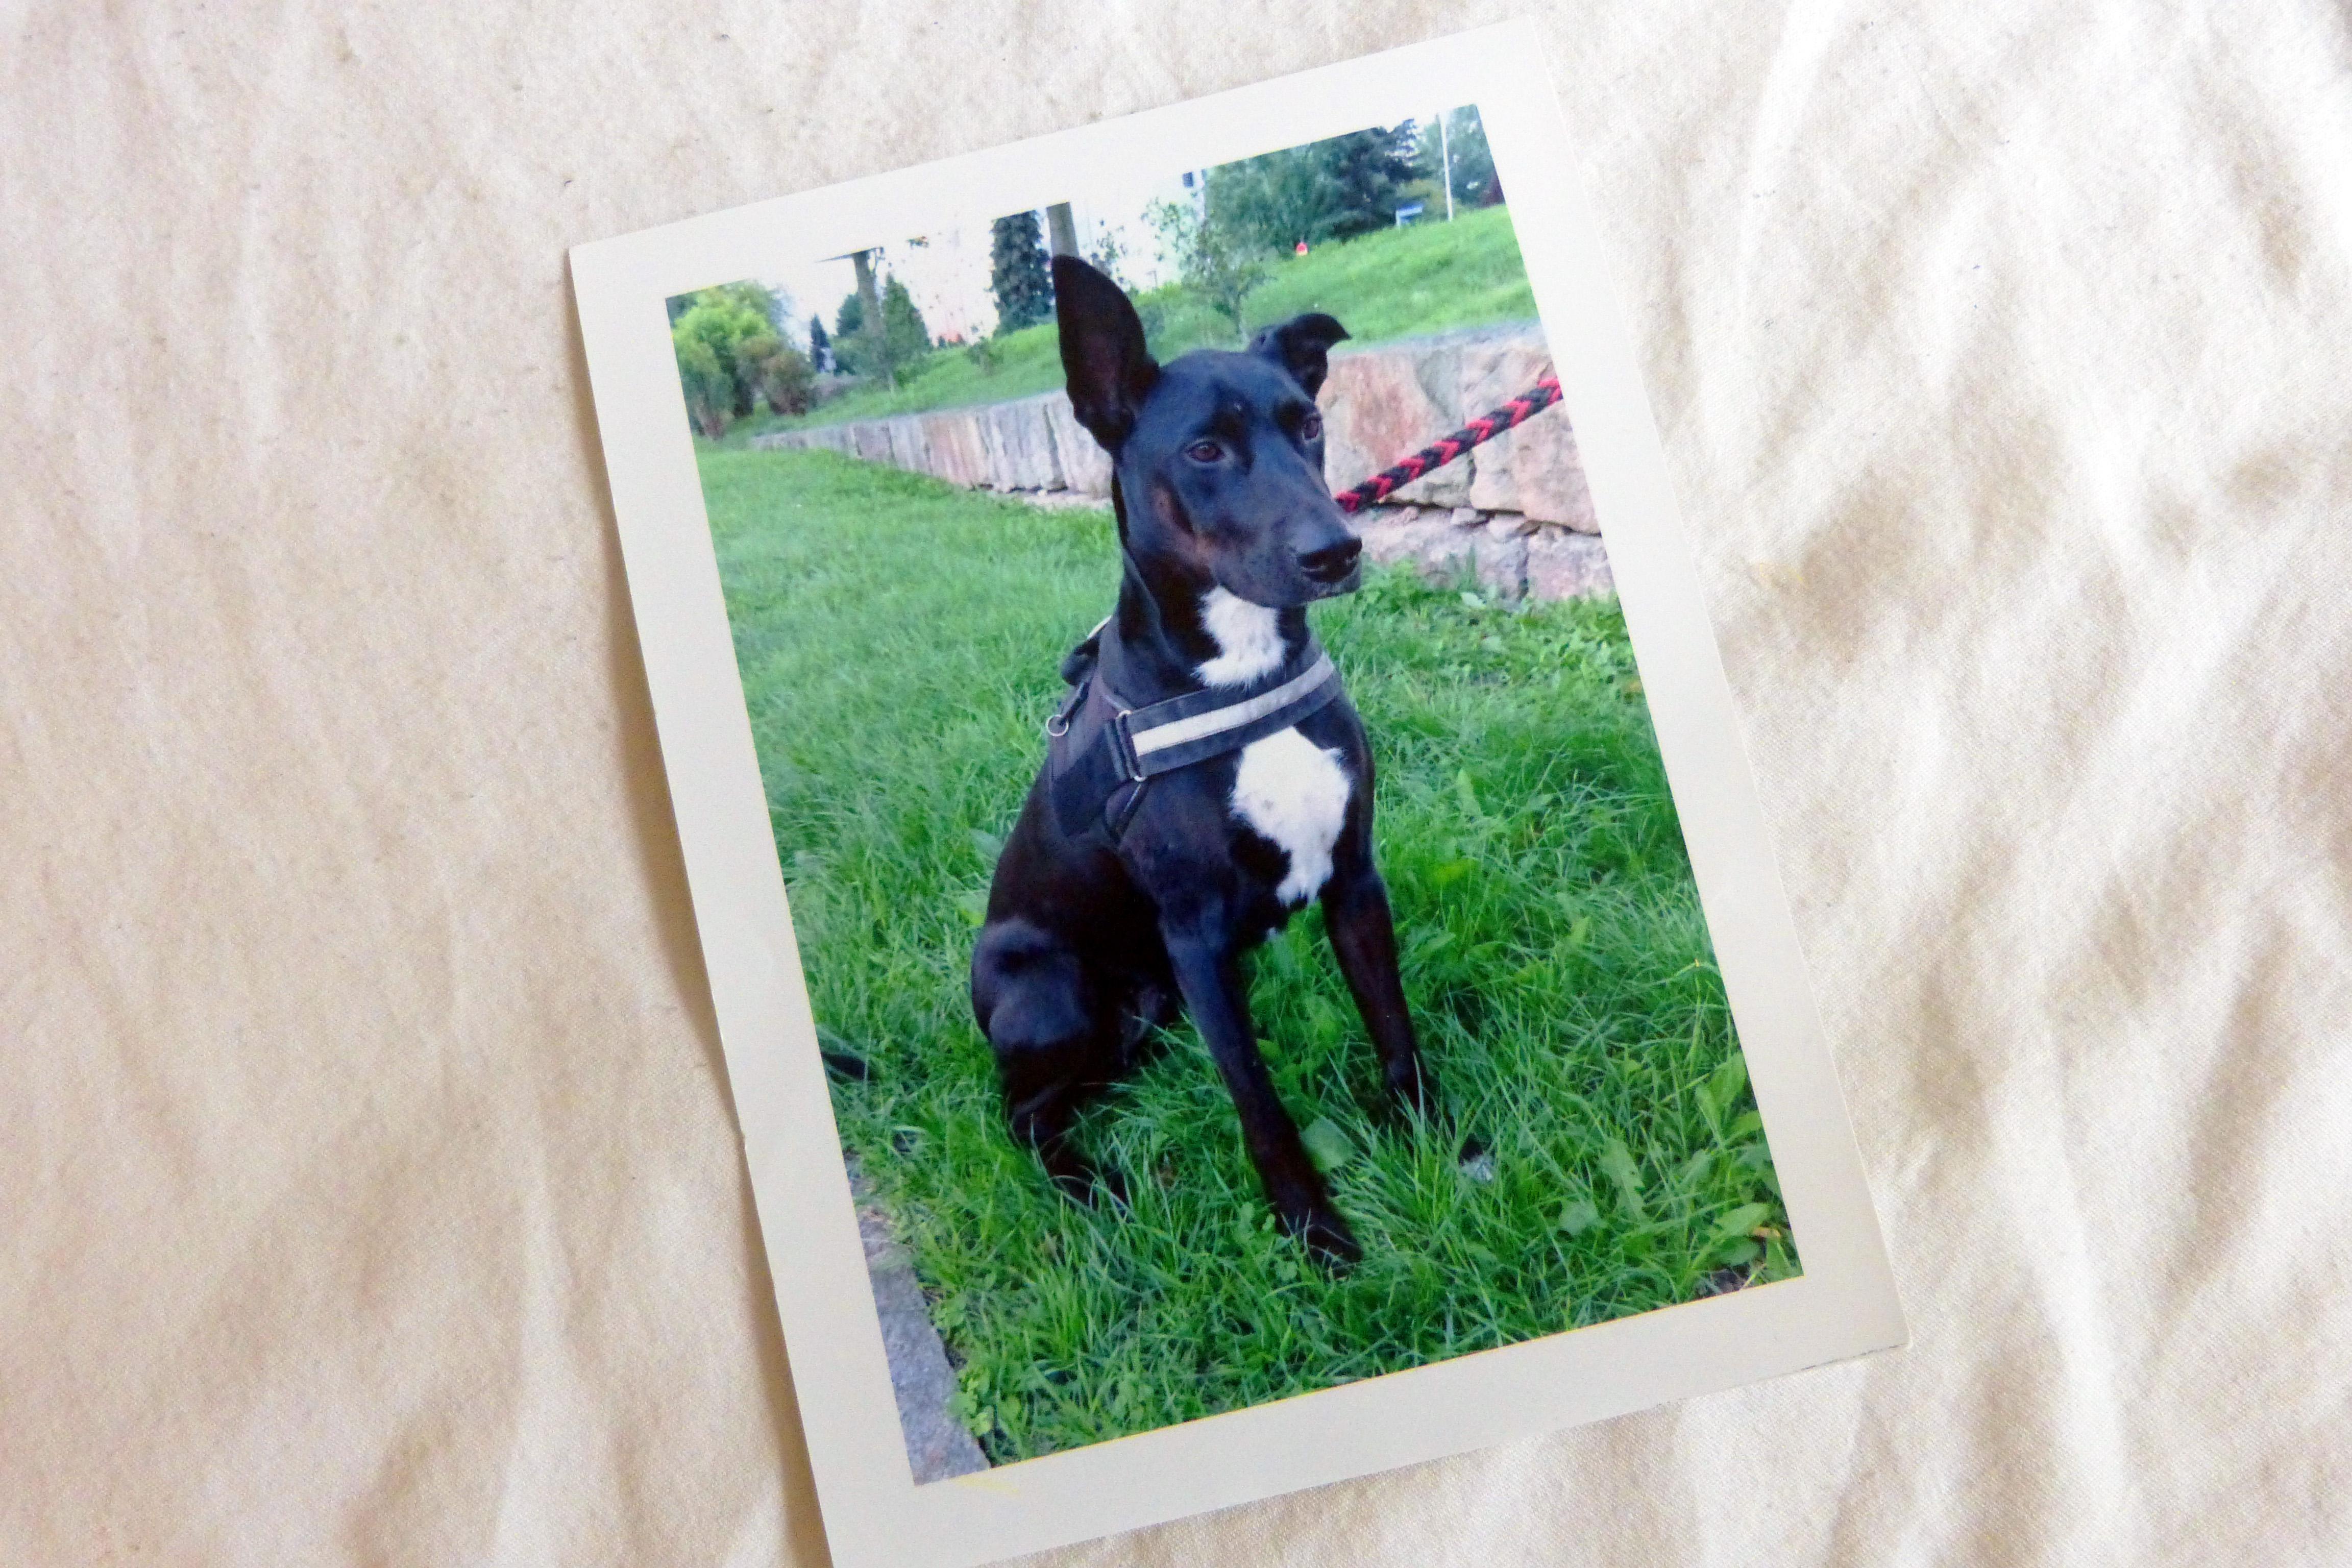 Das eine Ohr steht immer nach oben - ein Steh-Ohr, erzählt Dennis als er das Foto seiner Hündin Baylie betrachtet.